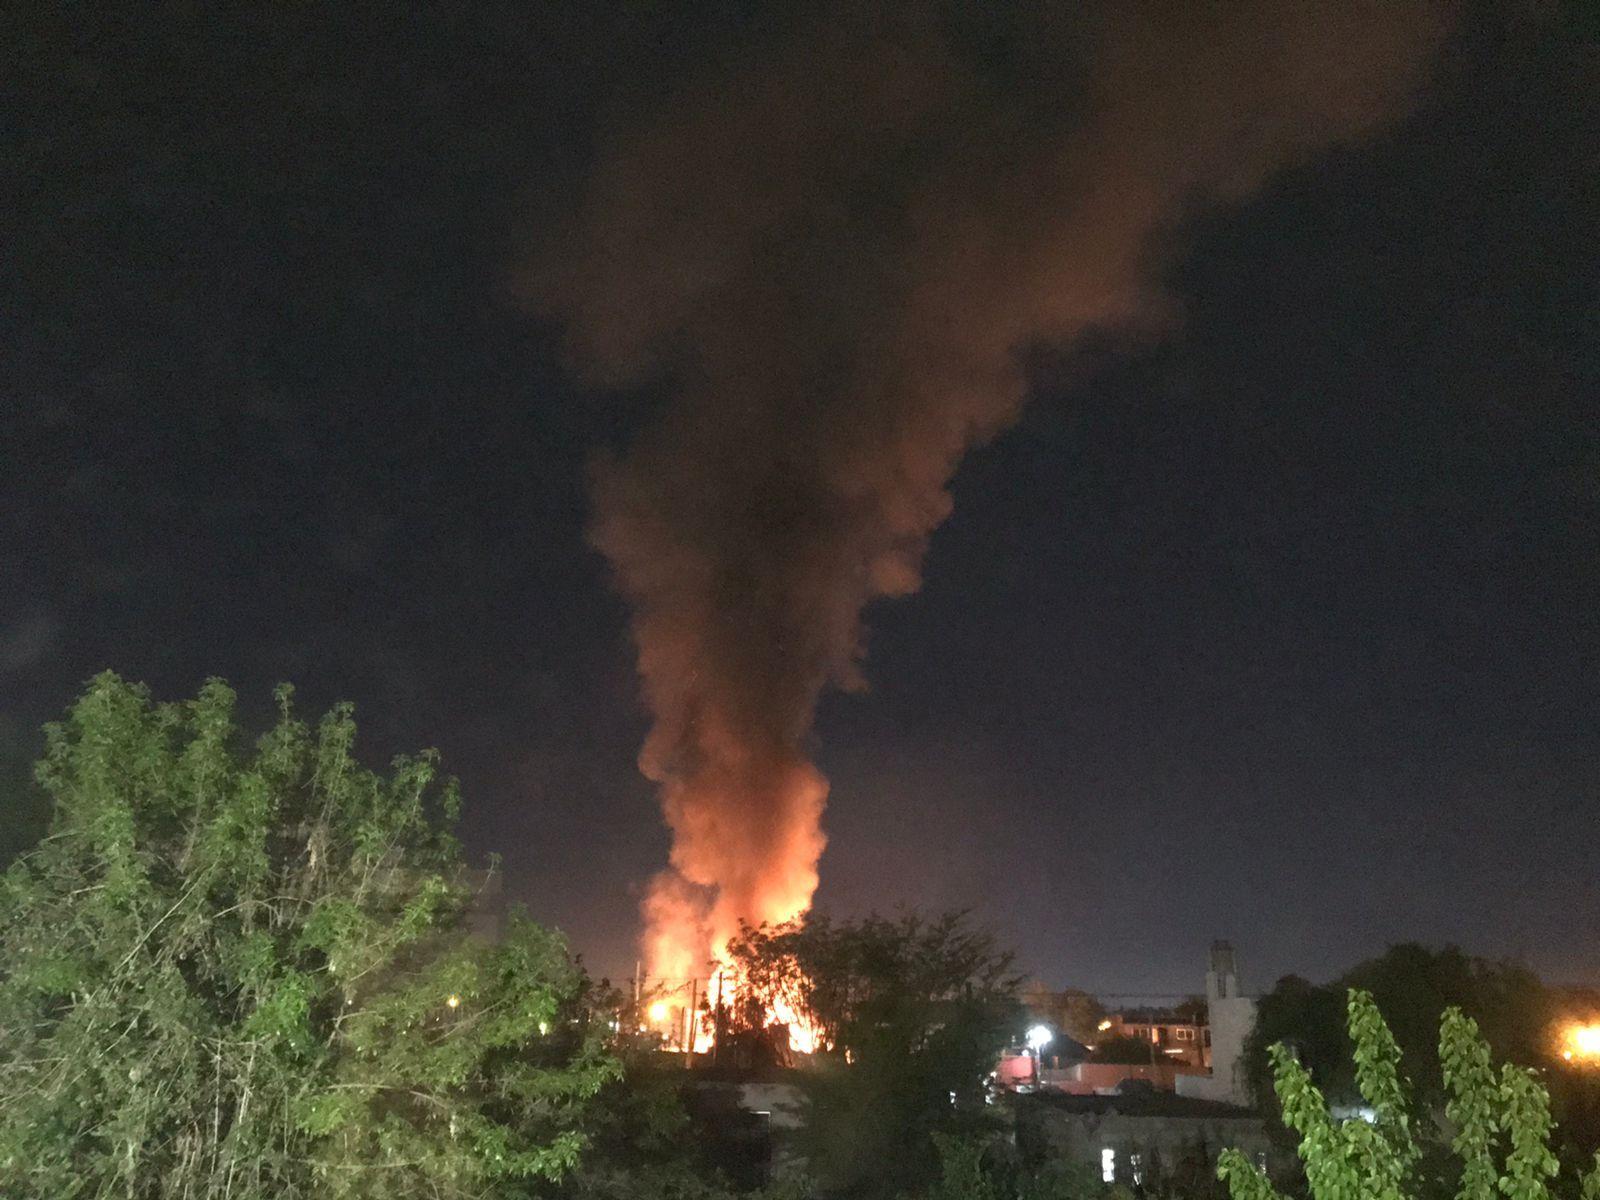 El fuego afectó cuatro viviendas del barrio Savoia (Foto: @estebanrafele)